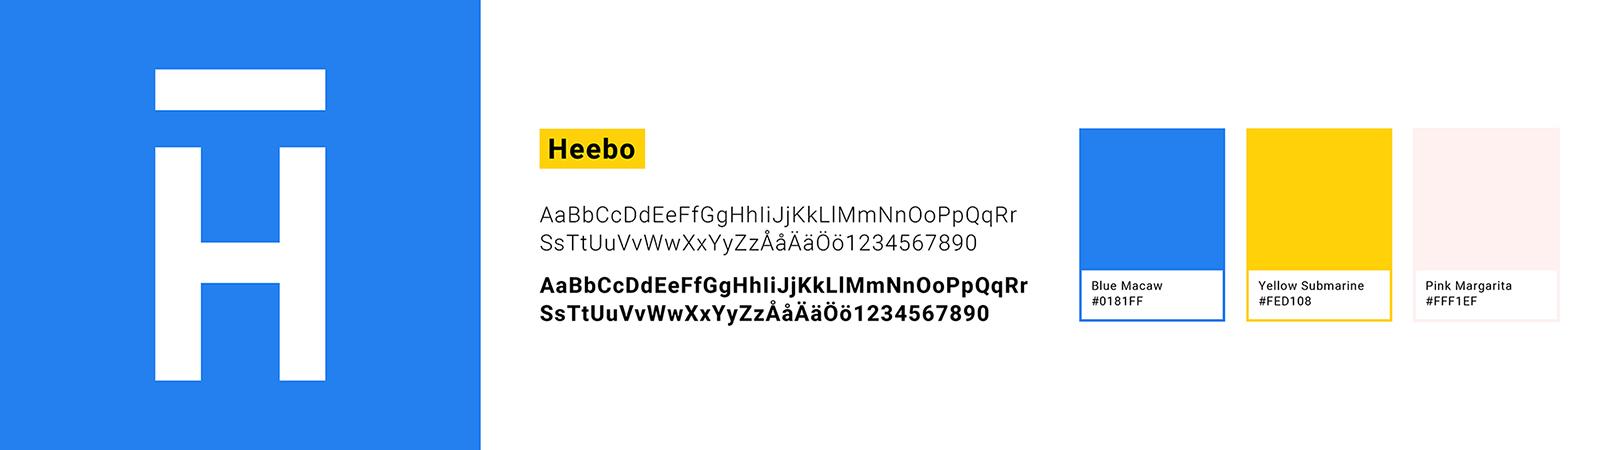 Miniversion av Hamrén Webbyrås nya grafiska profil, innehållande en symbol, teckensnittet Heebo och våra tre primärfärger Blue Macaw, Yellow Submarine och Pink Magnolia.